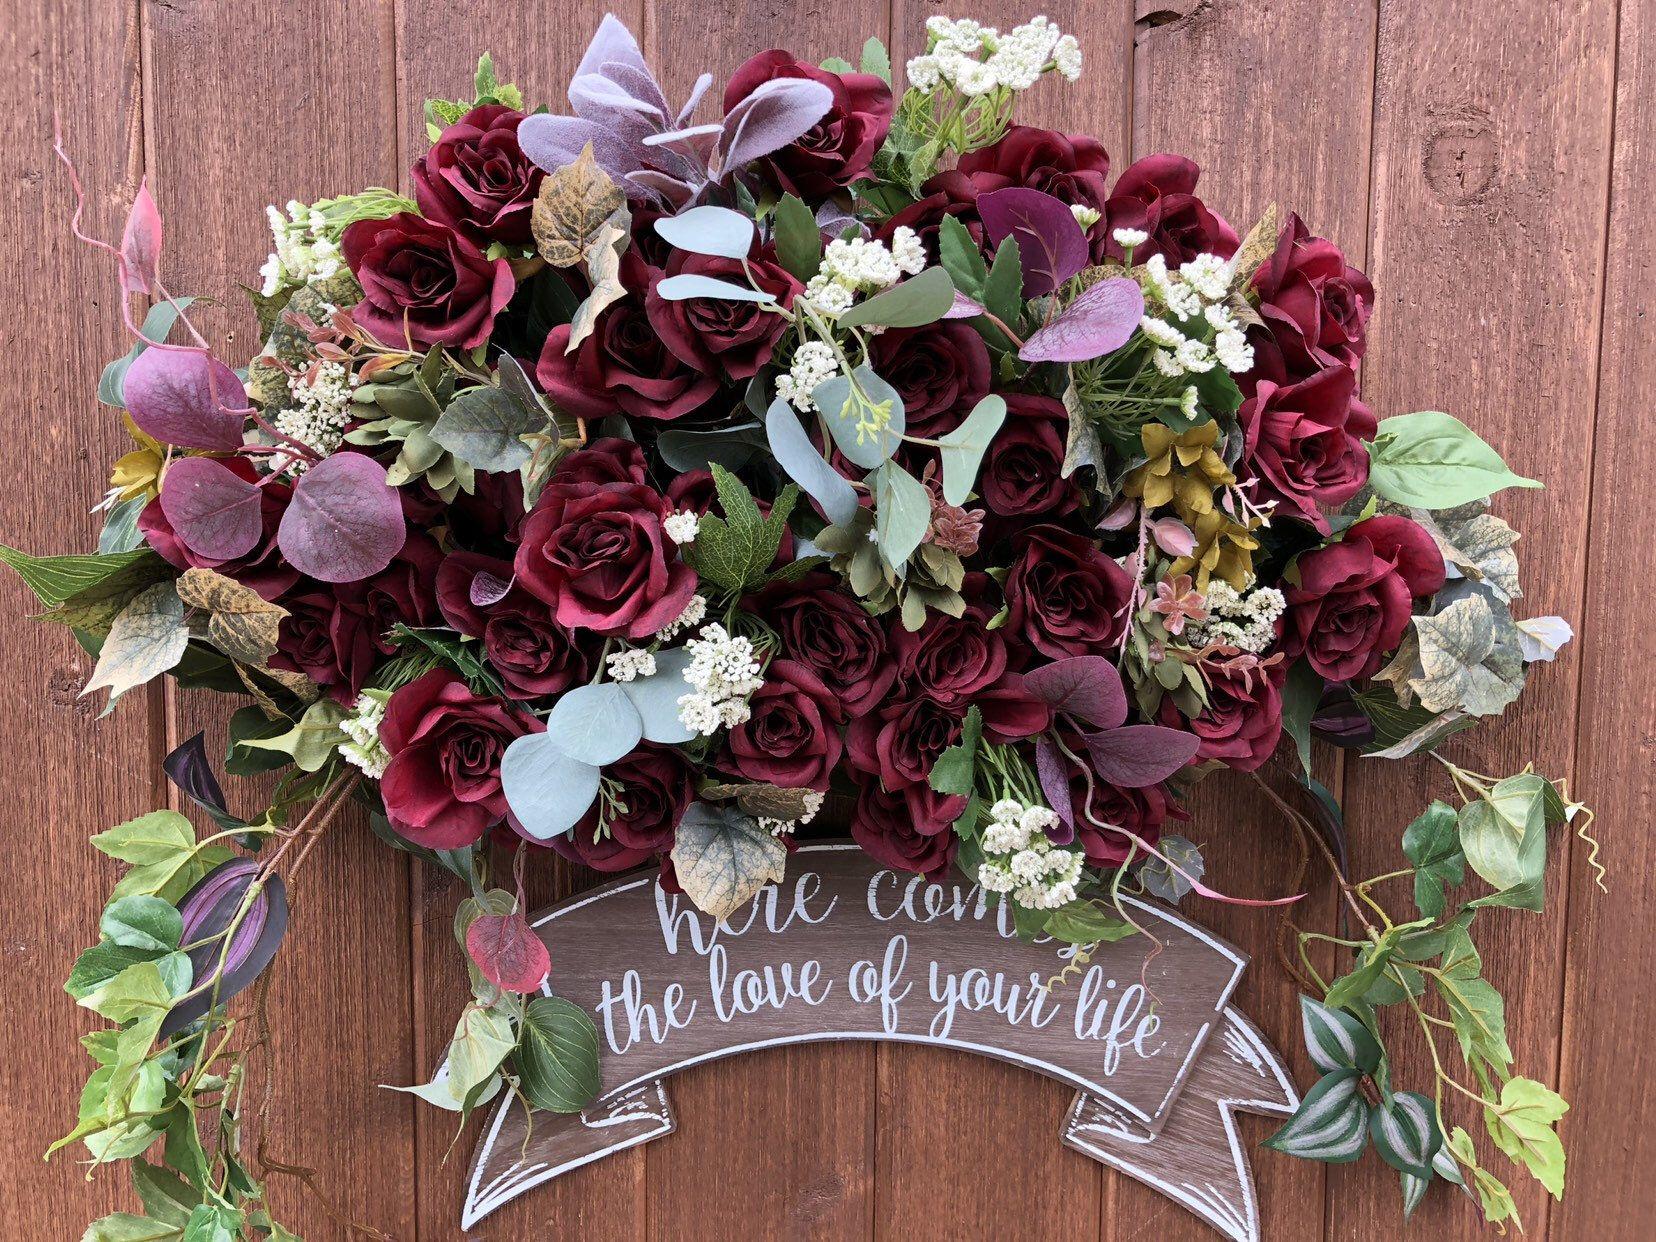 Burgundy Wedding Ceremony Arch, Wedding Arch Flowers